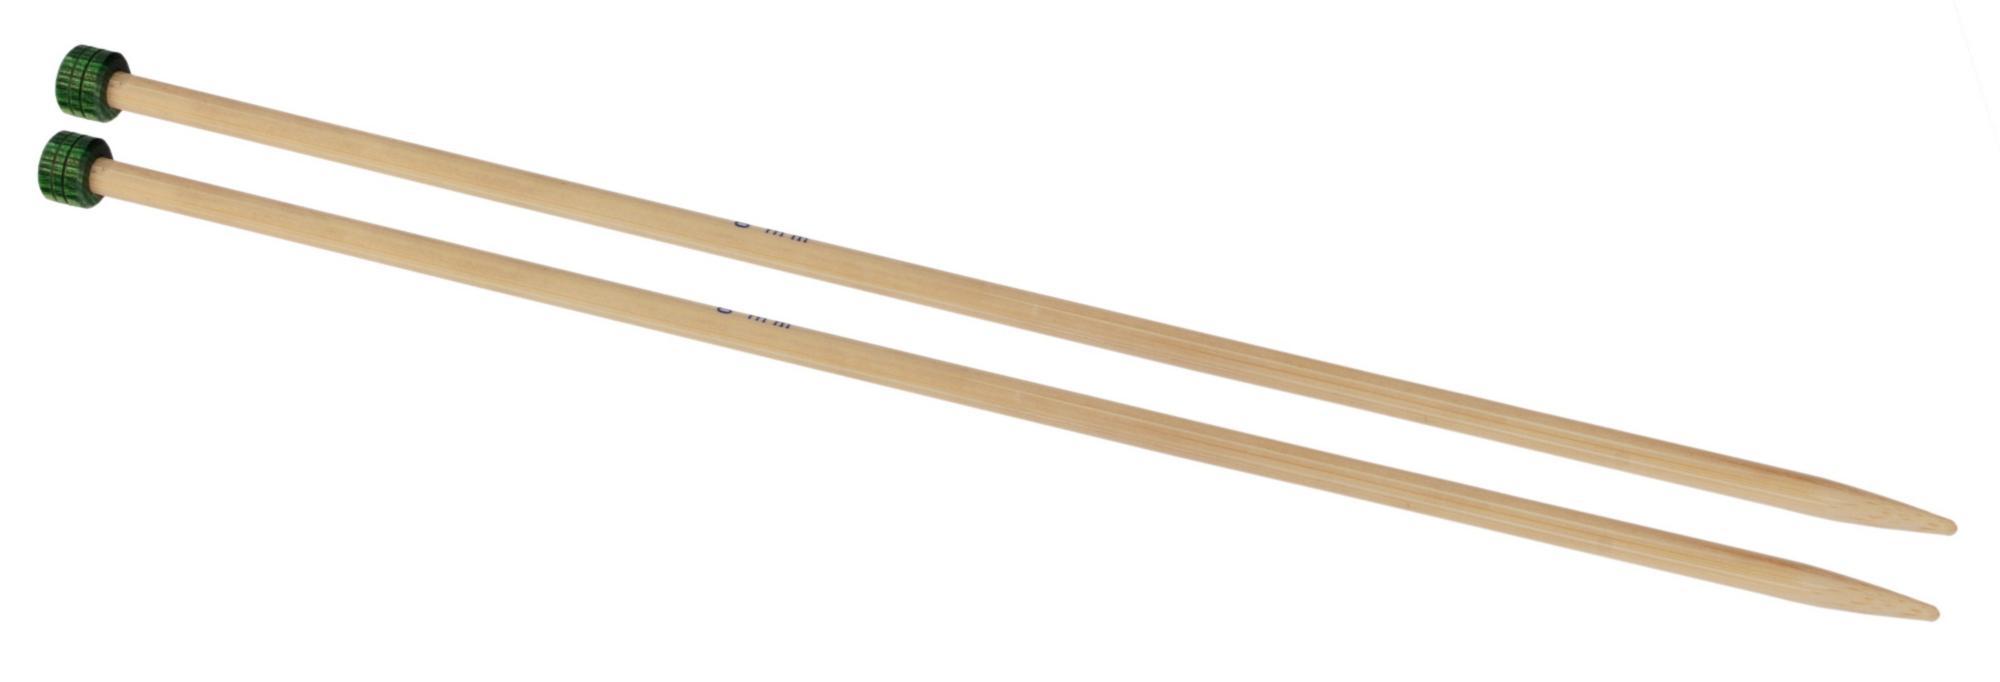 Спицы прямые 25 см Bamboo KnitPro, 22306, 3.50 мм